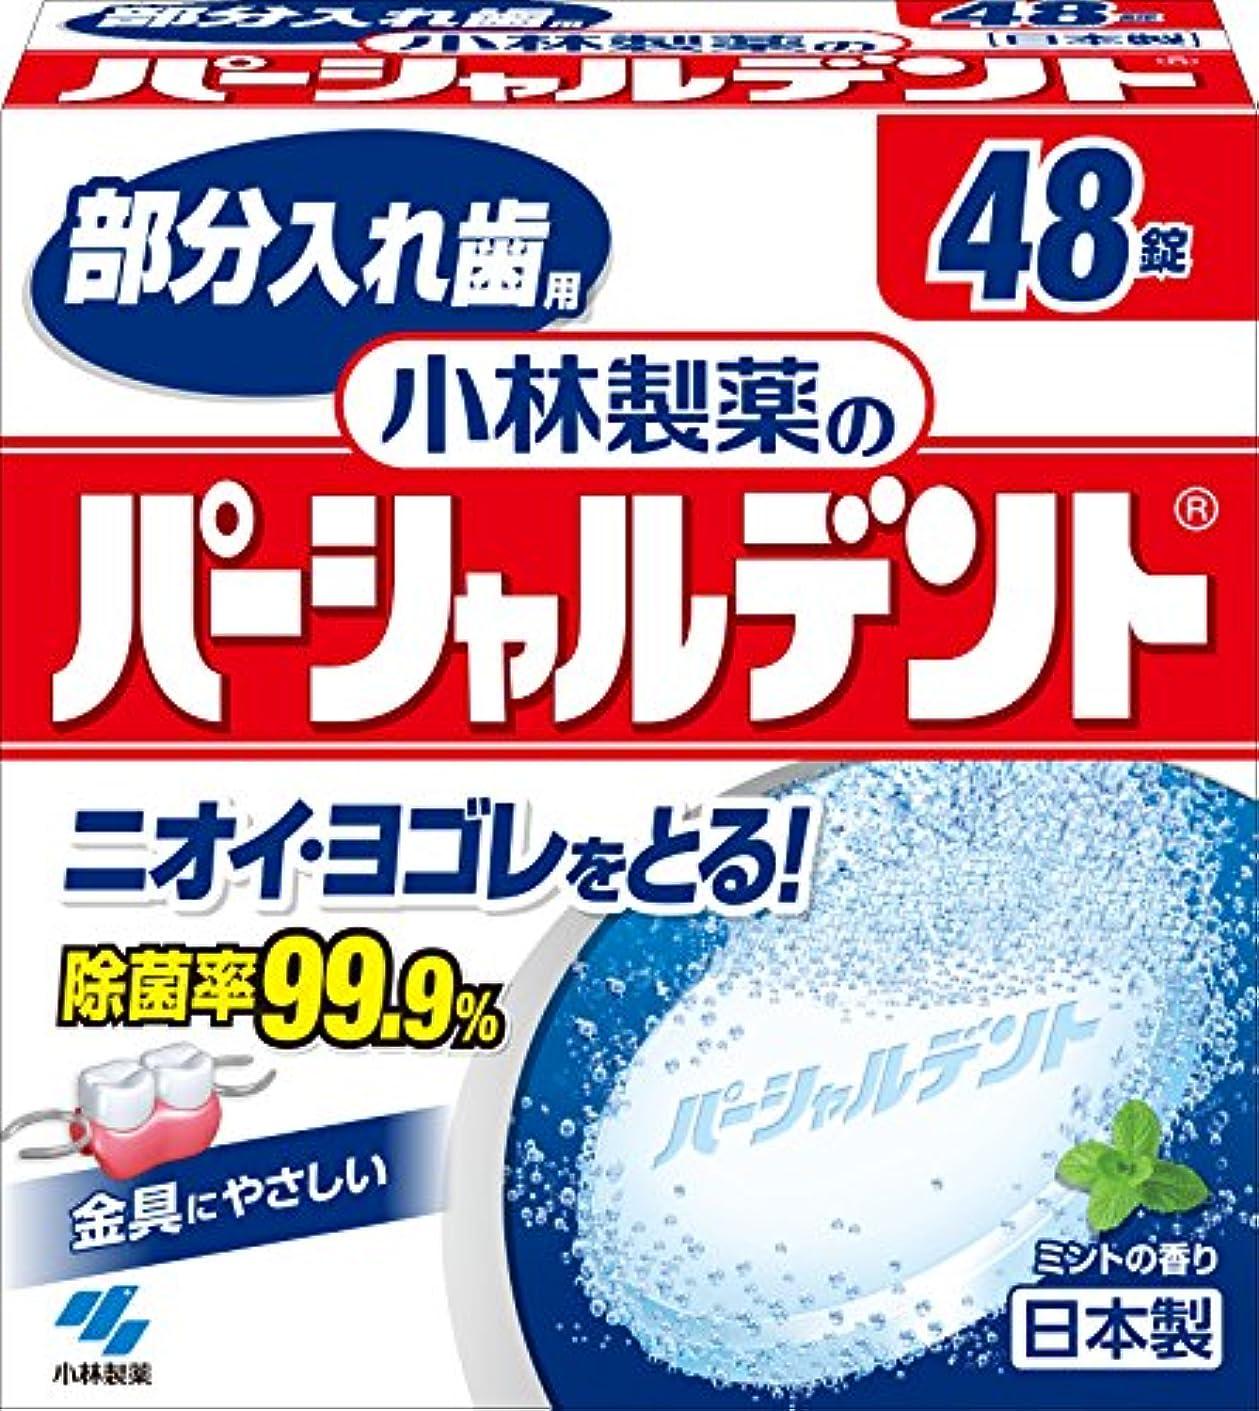 情熱インデックス肘小林製薬のパーシャルデント 部分入れ歯用 洗浄剤 ミントの香 48錠